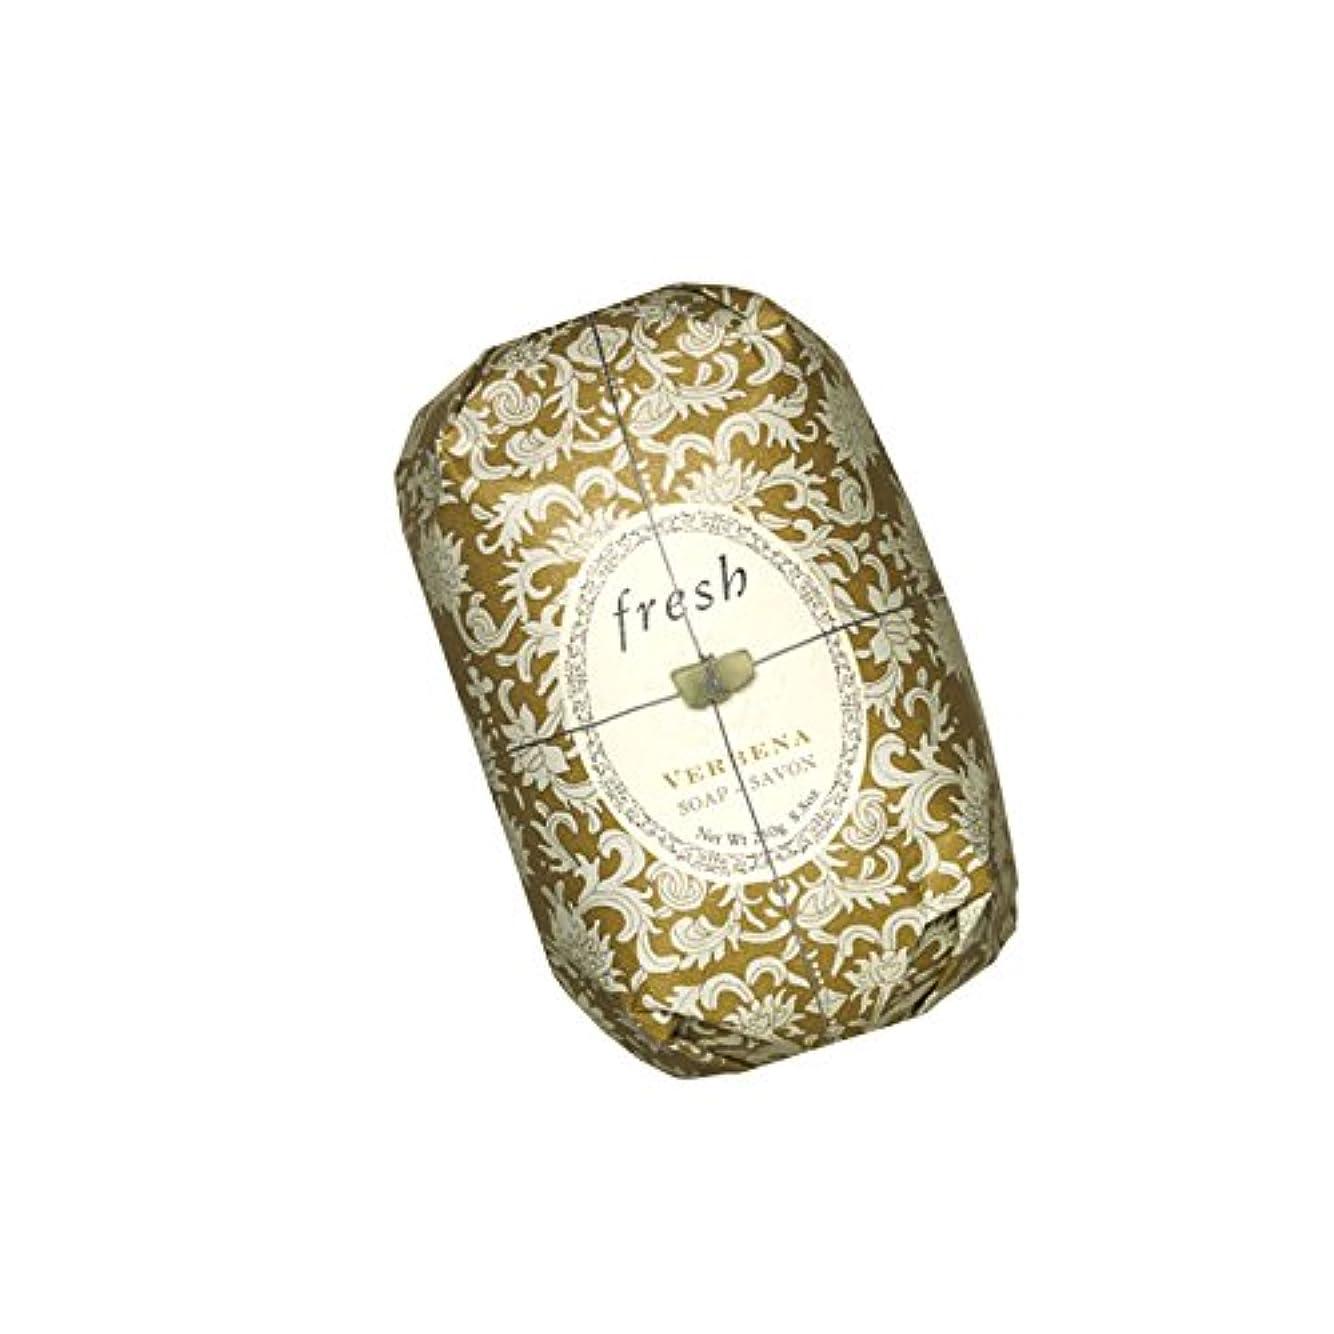 若いブリード合わせてFresh フレッシュ Verbena Soap 石鹸, 250g/8.8oz. [海外直送品] [並行輸入品]